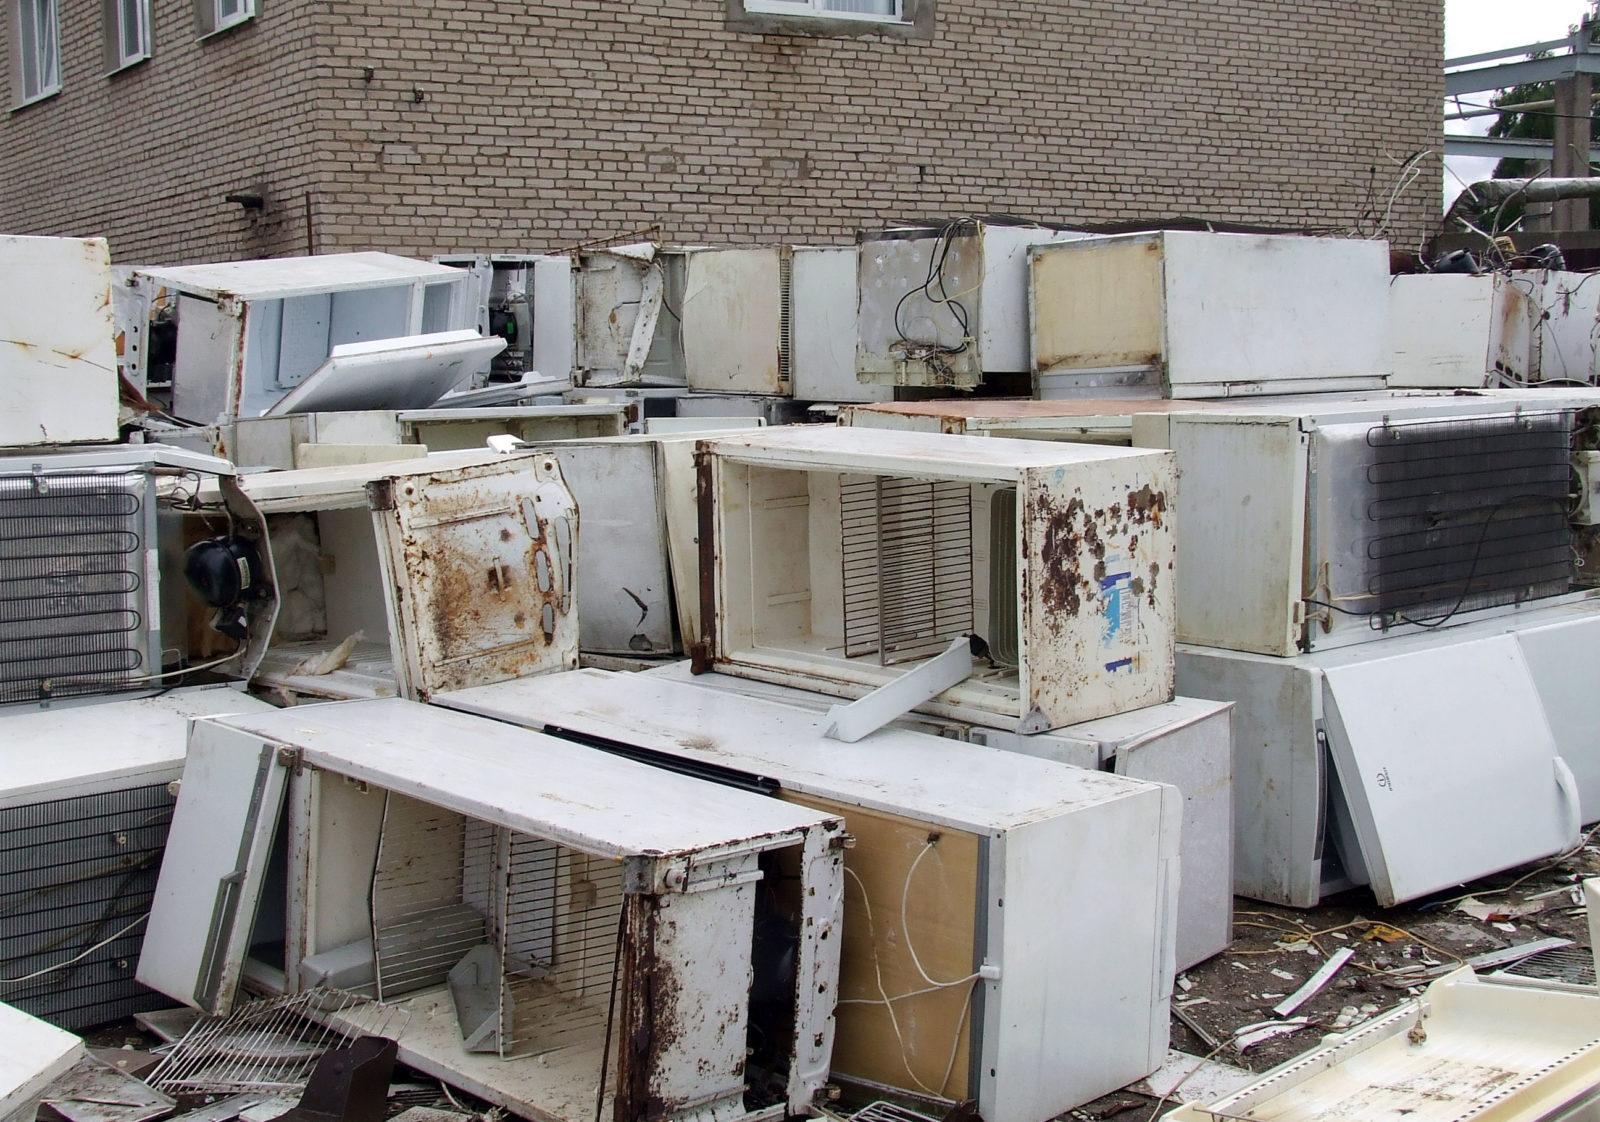 Утилизация холодильников: как и куда утилизировать за деньги